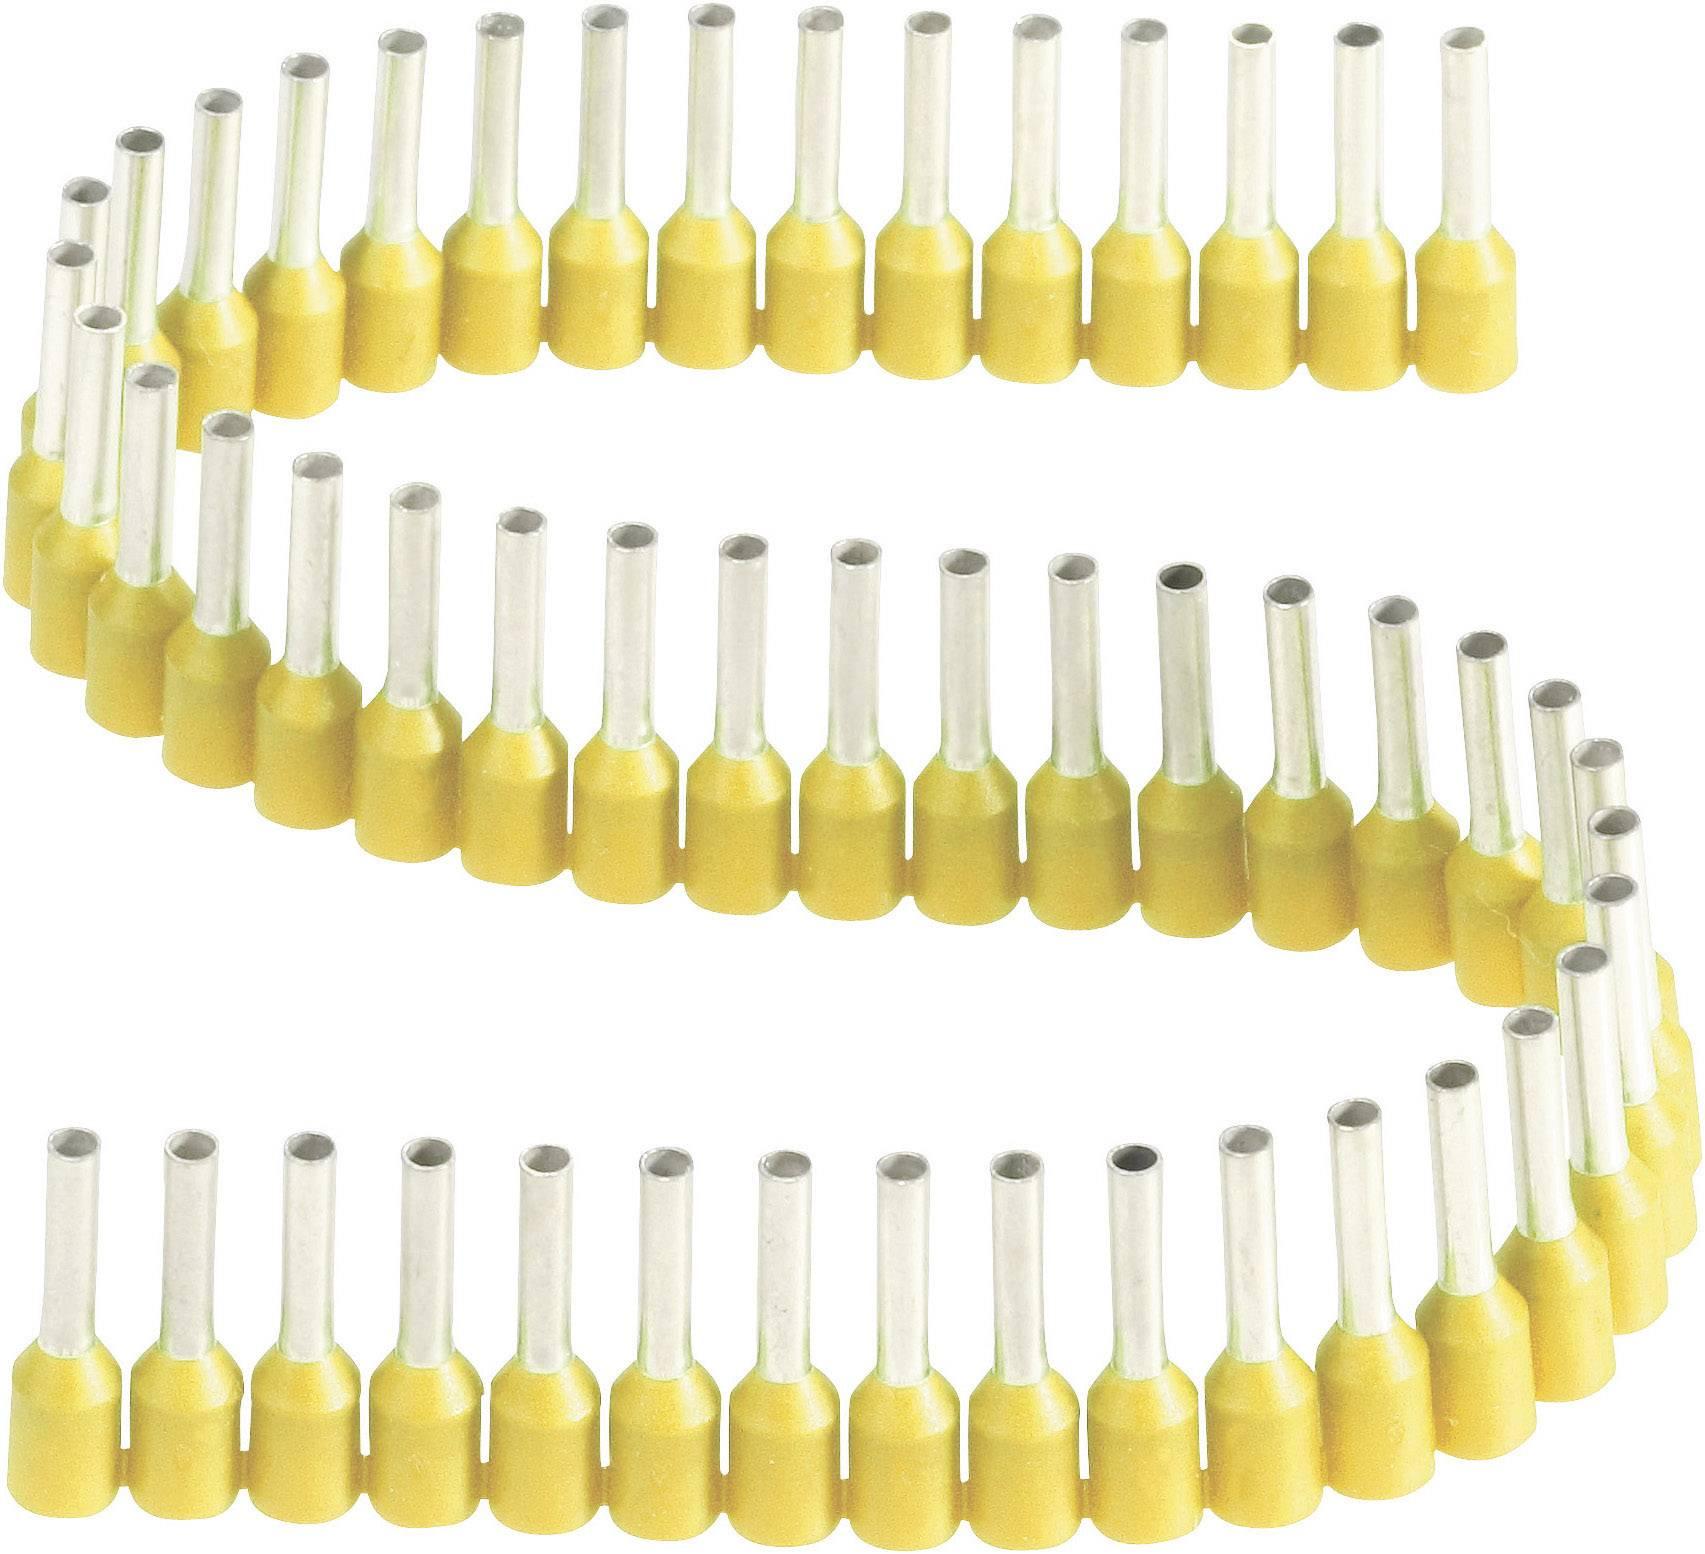 Dutinka Vogt Verbindungstechnik 460308.00050, spojovací materiál , 1 mm², 8 mm, čiastočne izolované, žltá, 1 ks